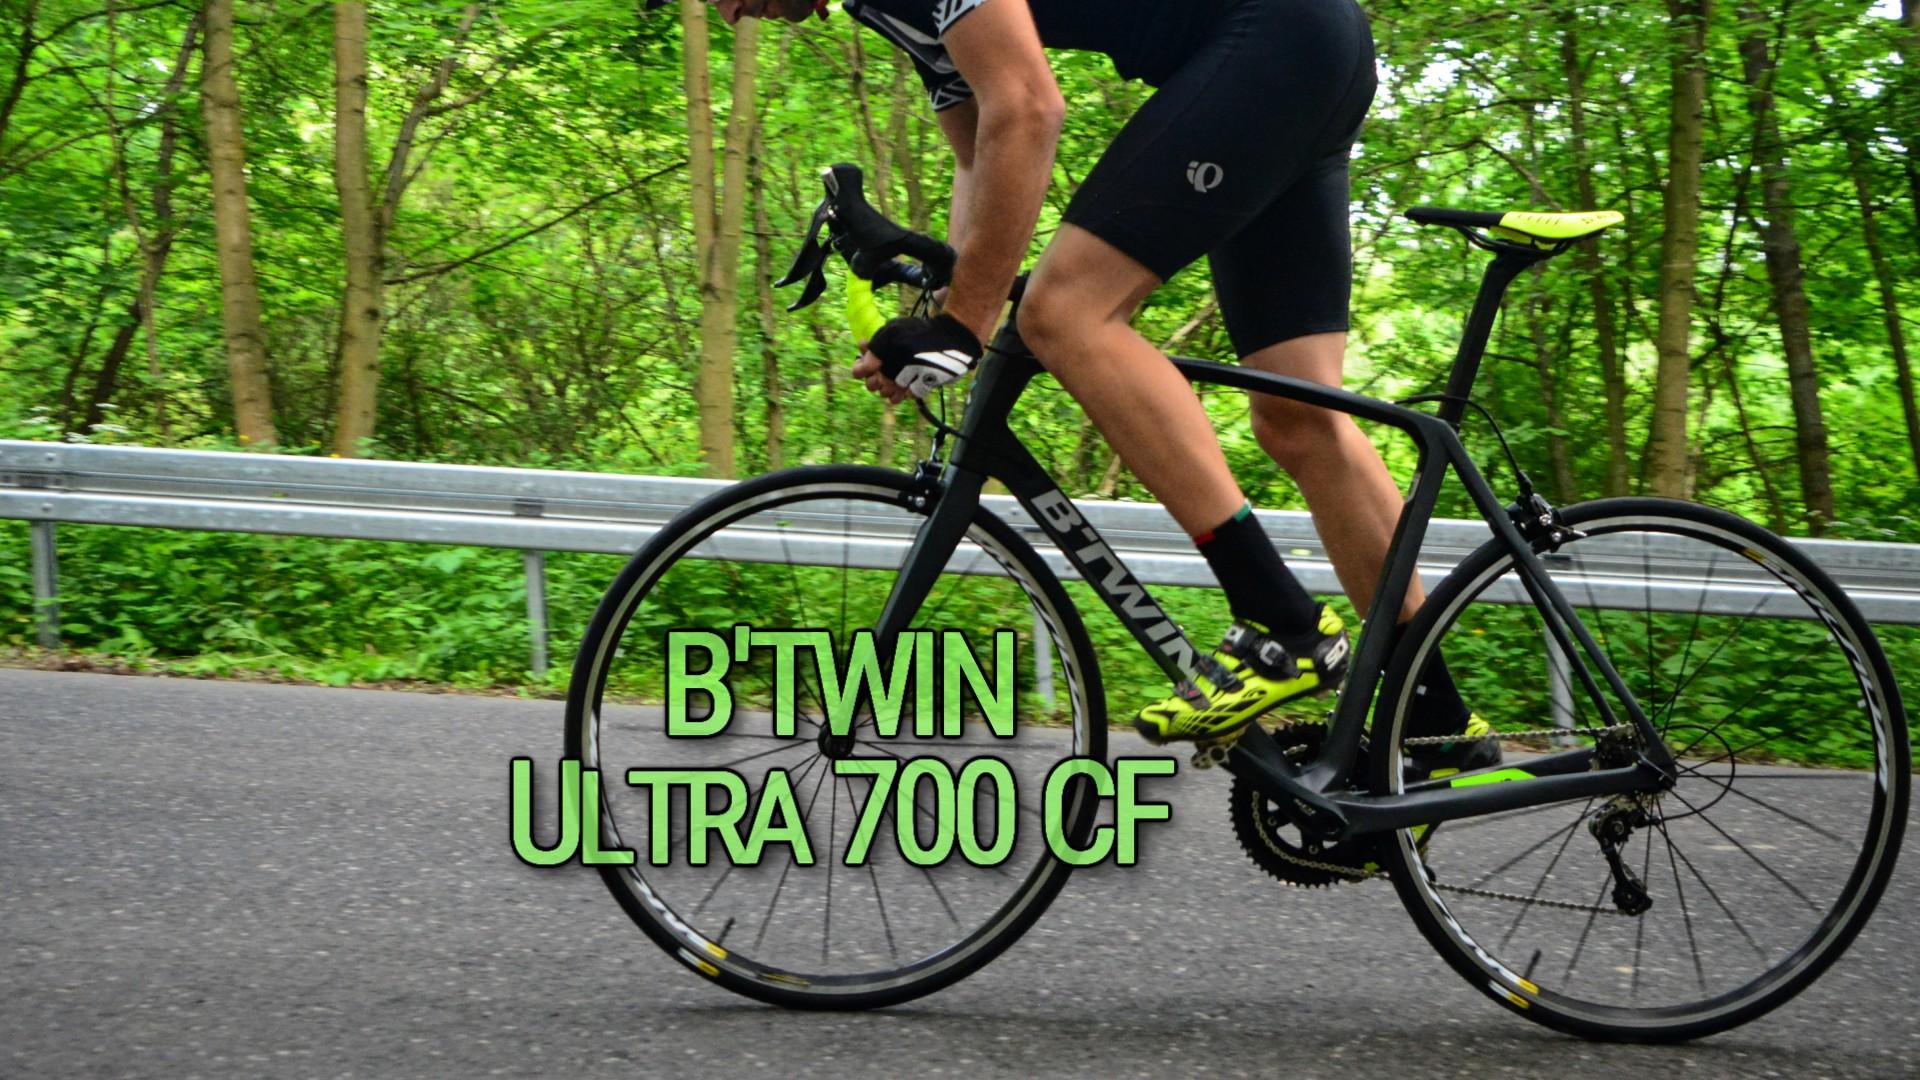 B'twin Ultra 700 CF